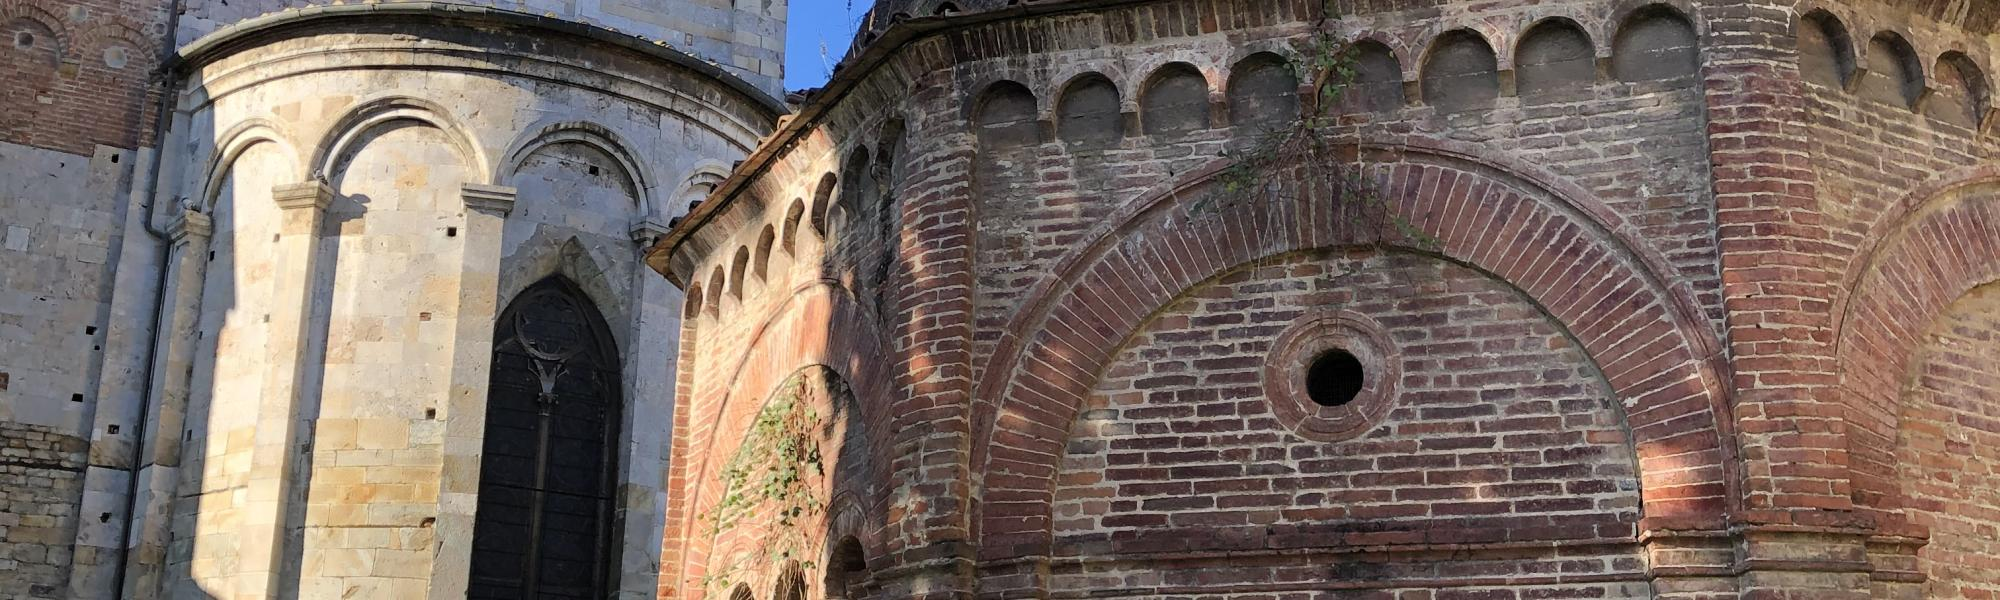 Retro Chiesa San Paolo all'Orto e Cappella di Sant'Agata (G. Bettini, Comune di Pisa)